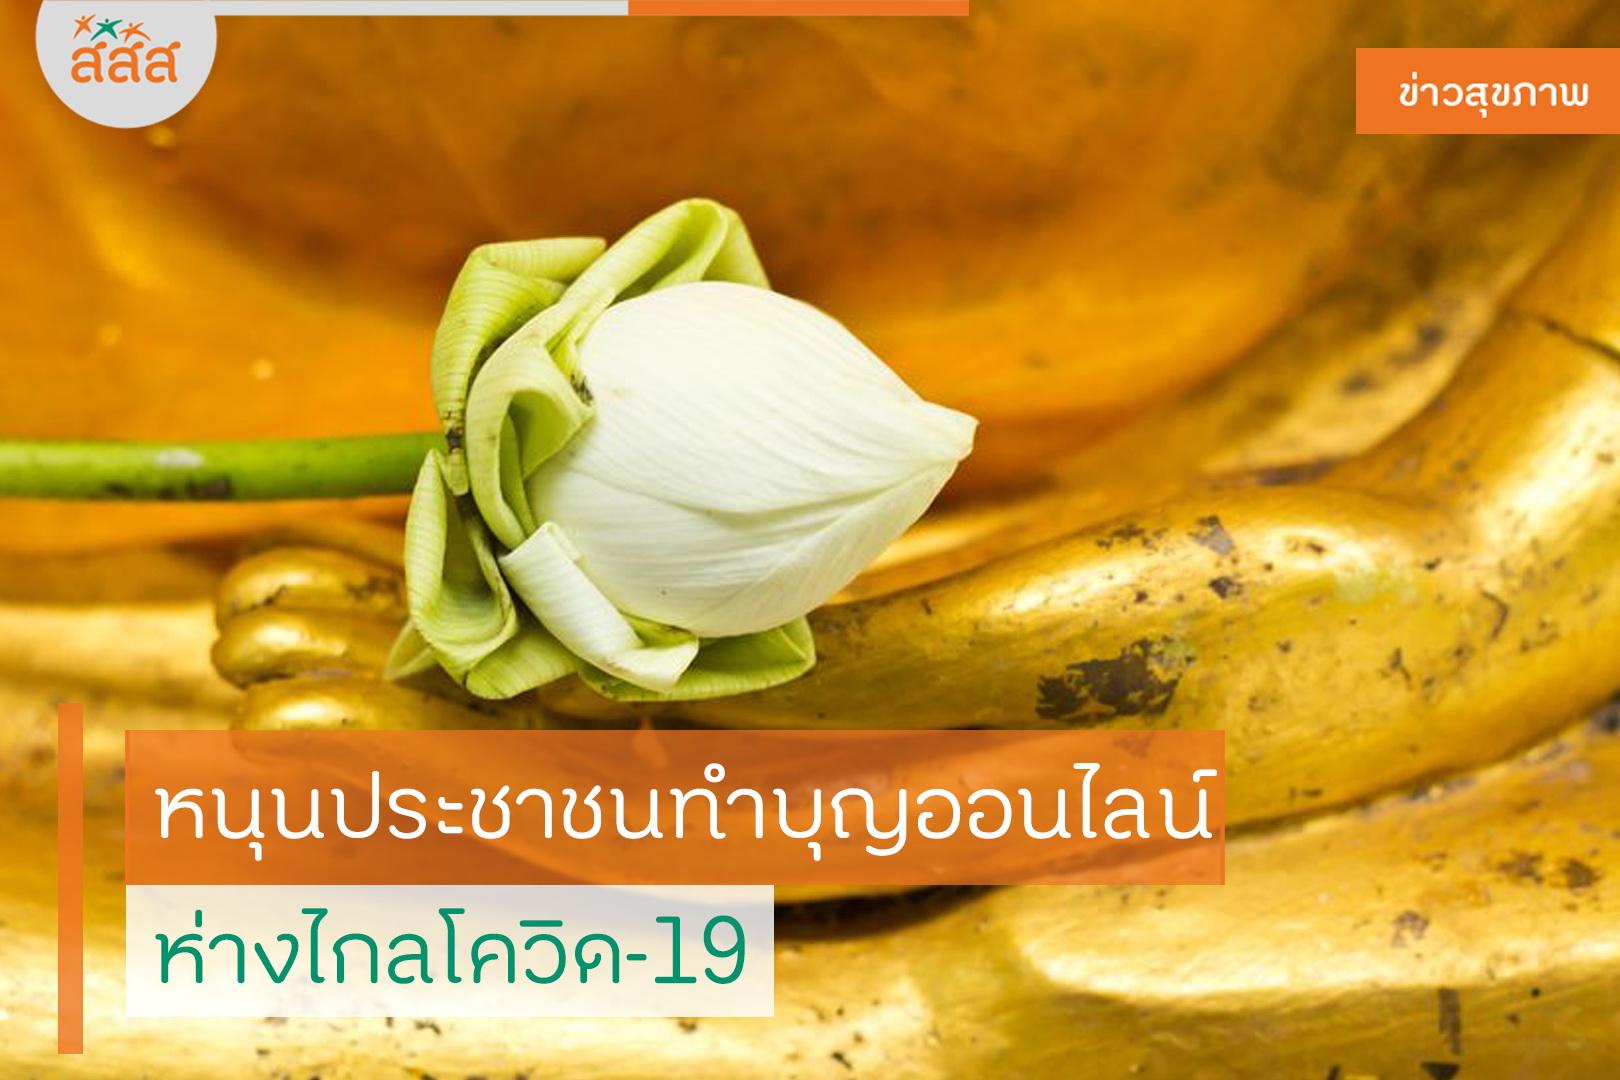 หนุนประชาชนทำบุญออนไลน์ ห่างไกลโควิด-19 thaihealth